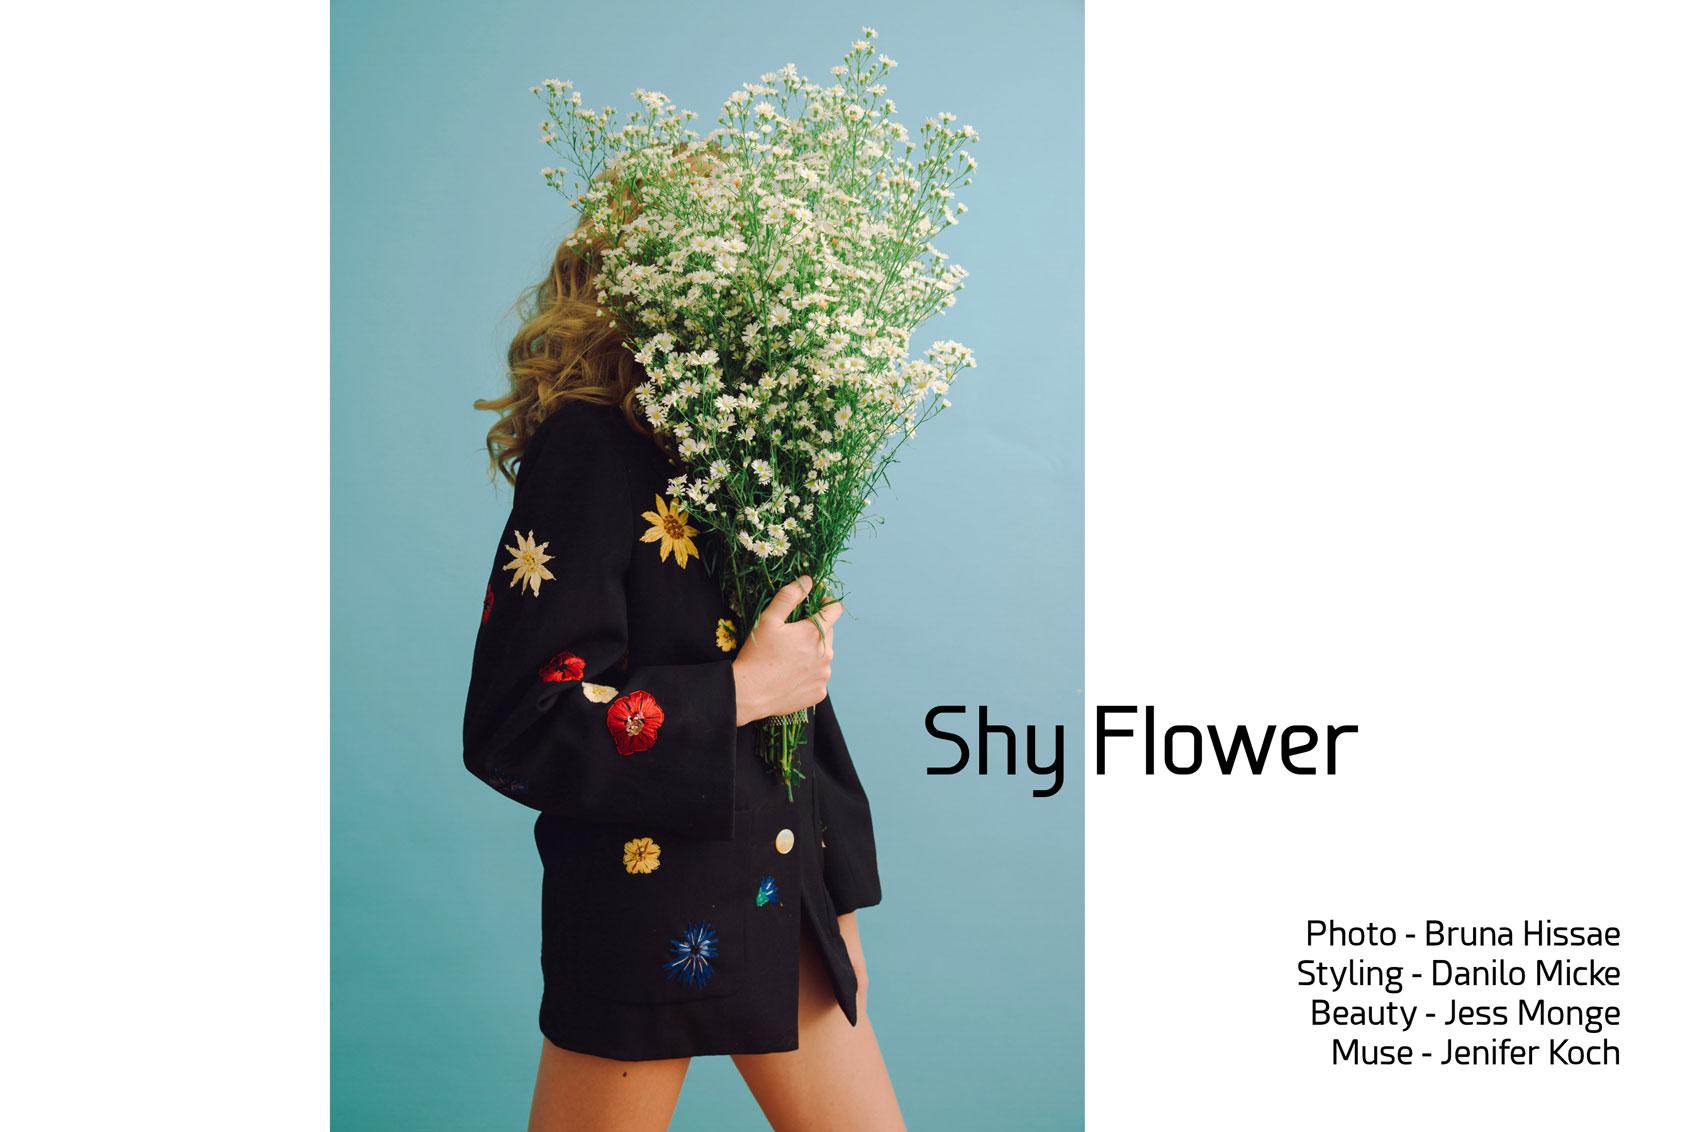 Shy Flower 01